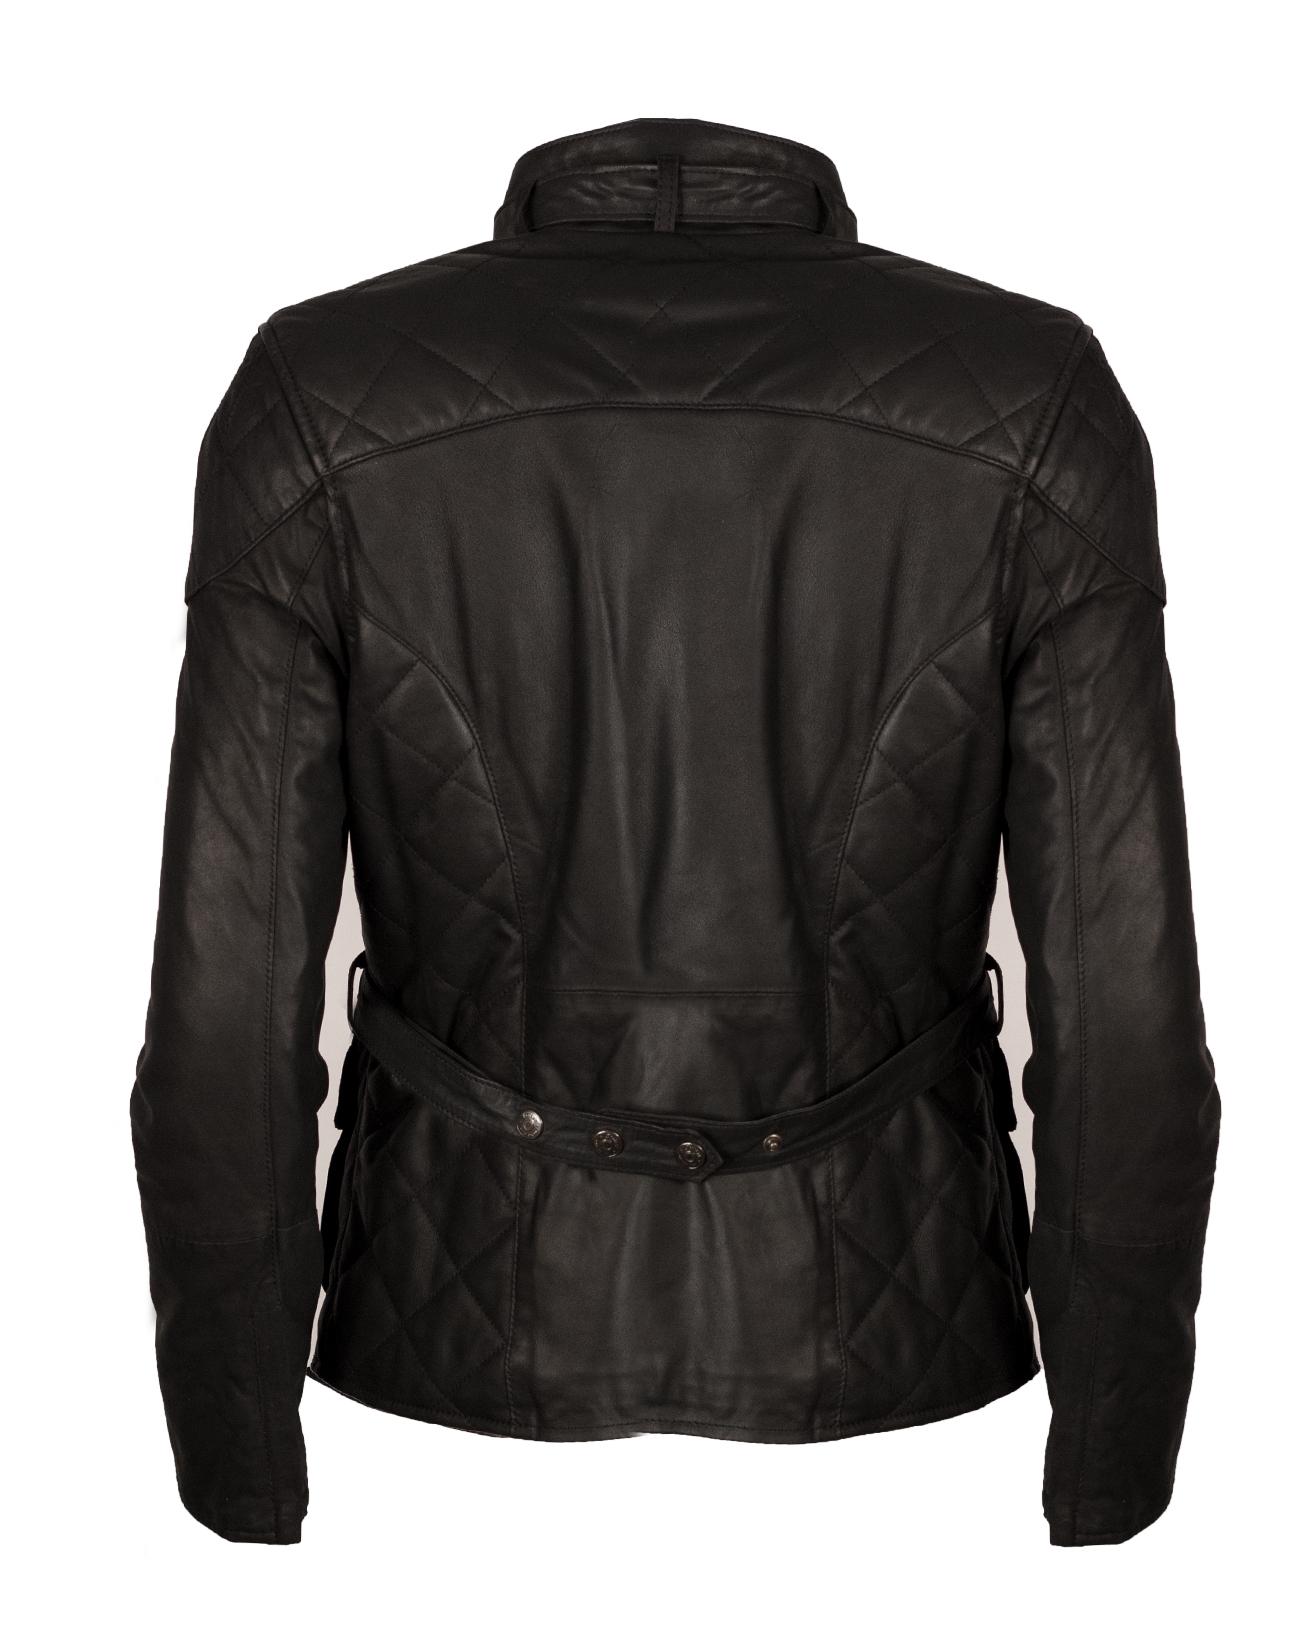 Leather jacket size 18 -  2 18 Back Jpg